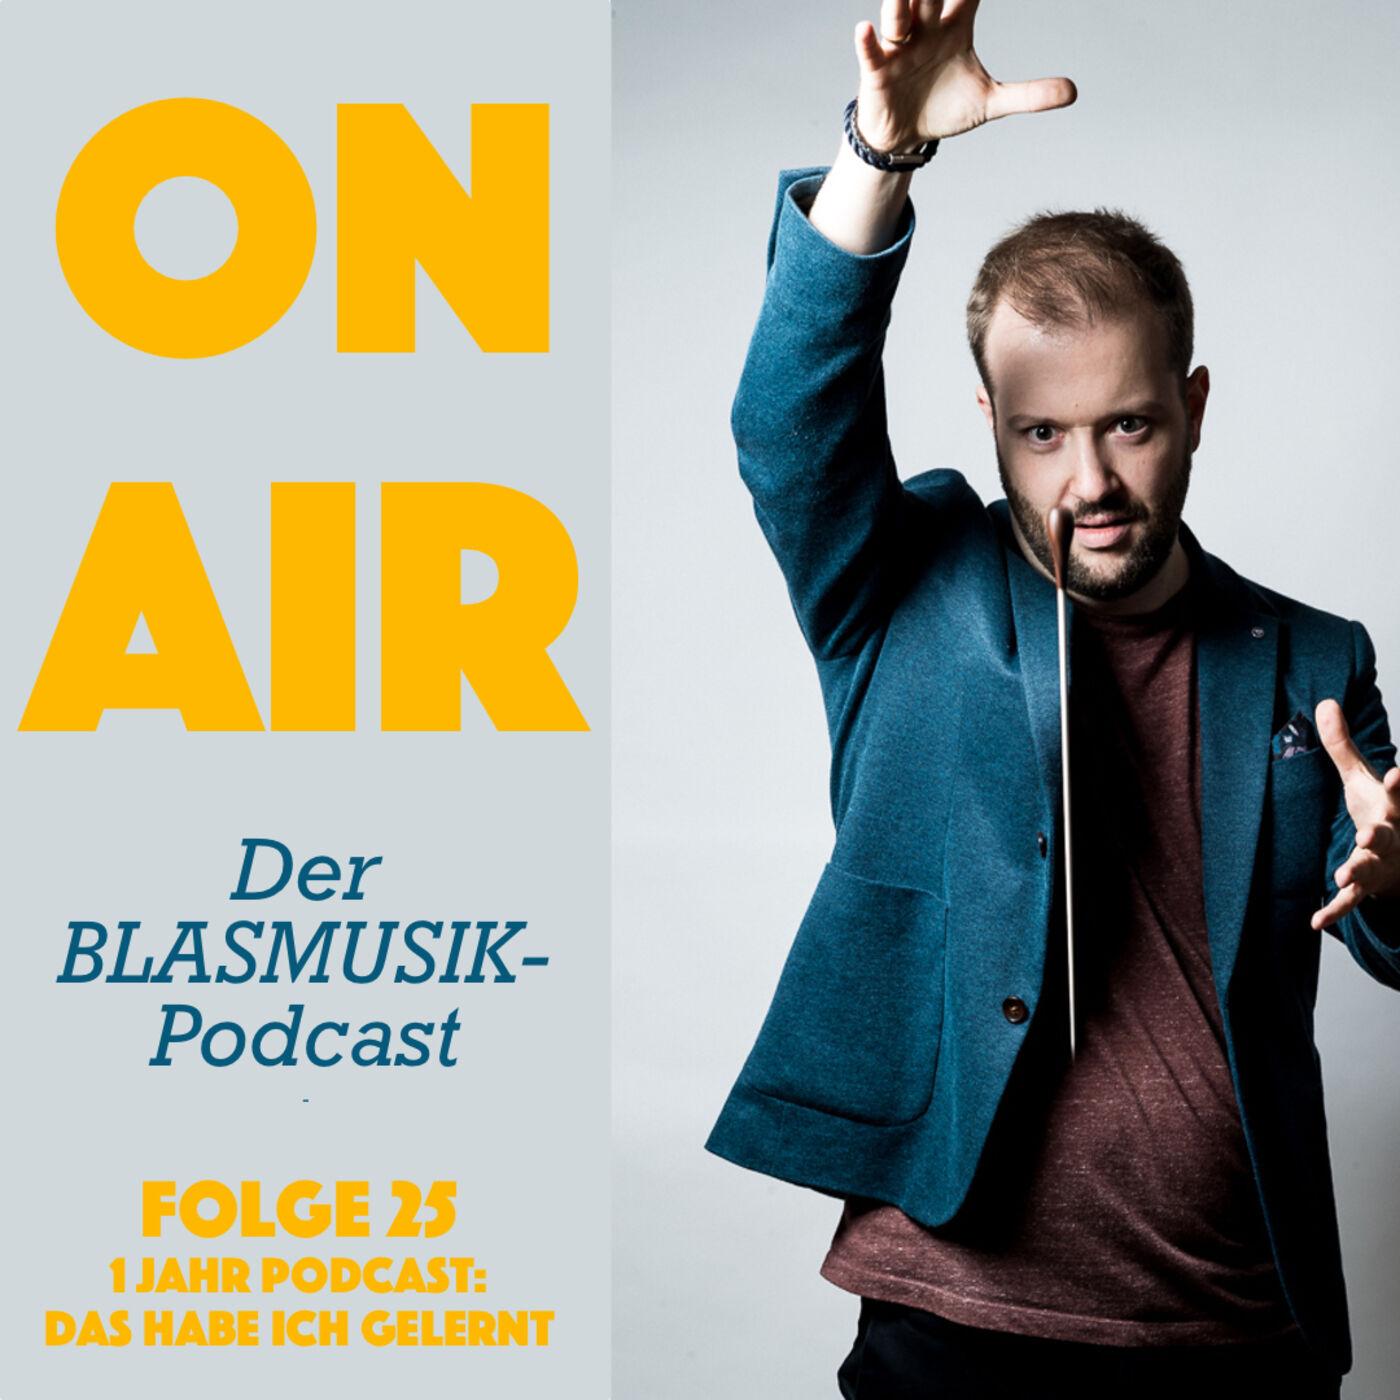 1 Jahr Podcast: Das habe ich gelernt